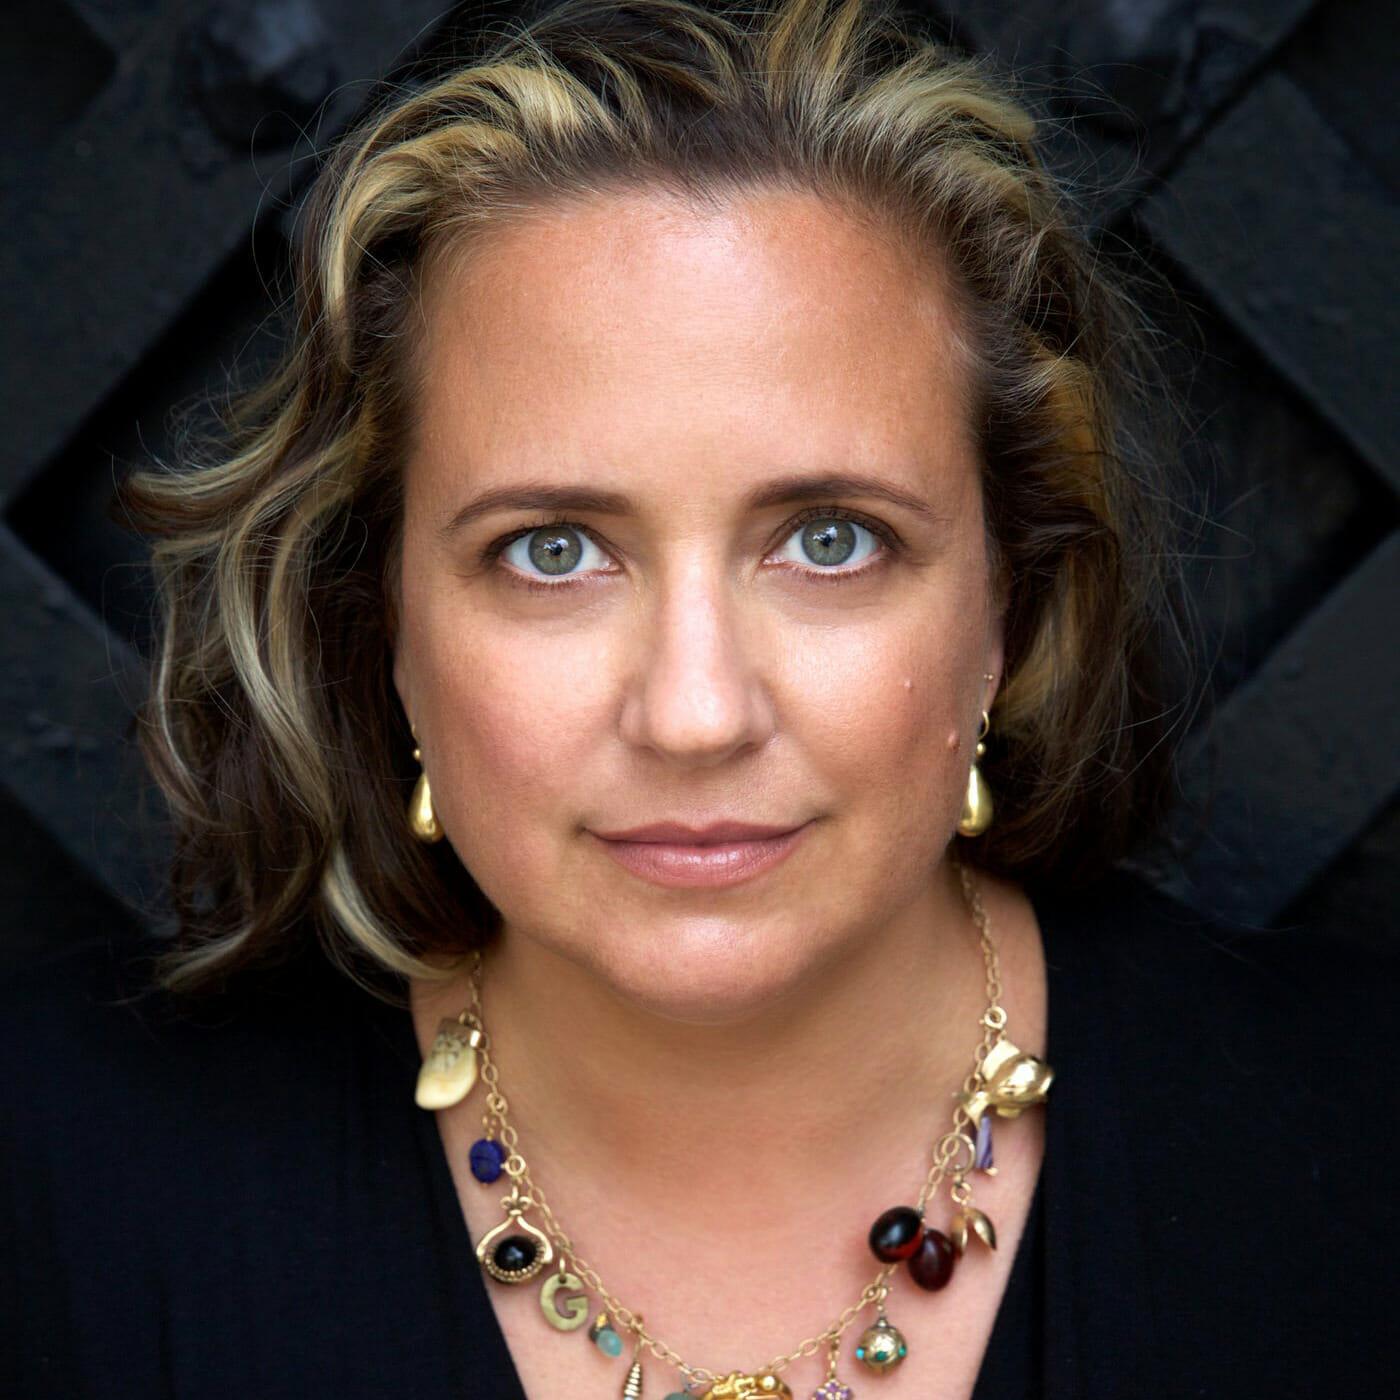 Laura Raicovich